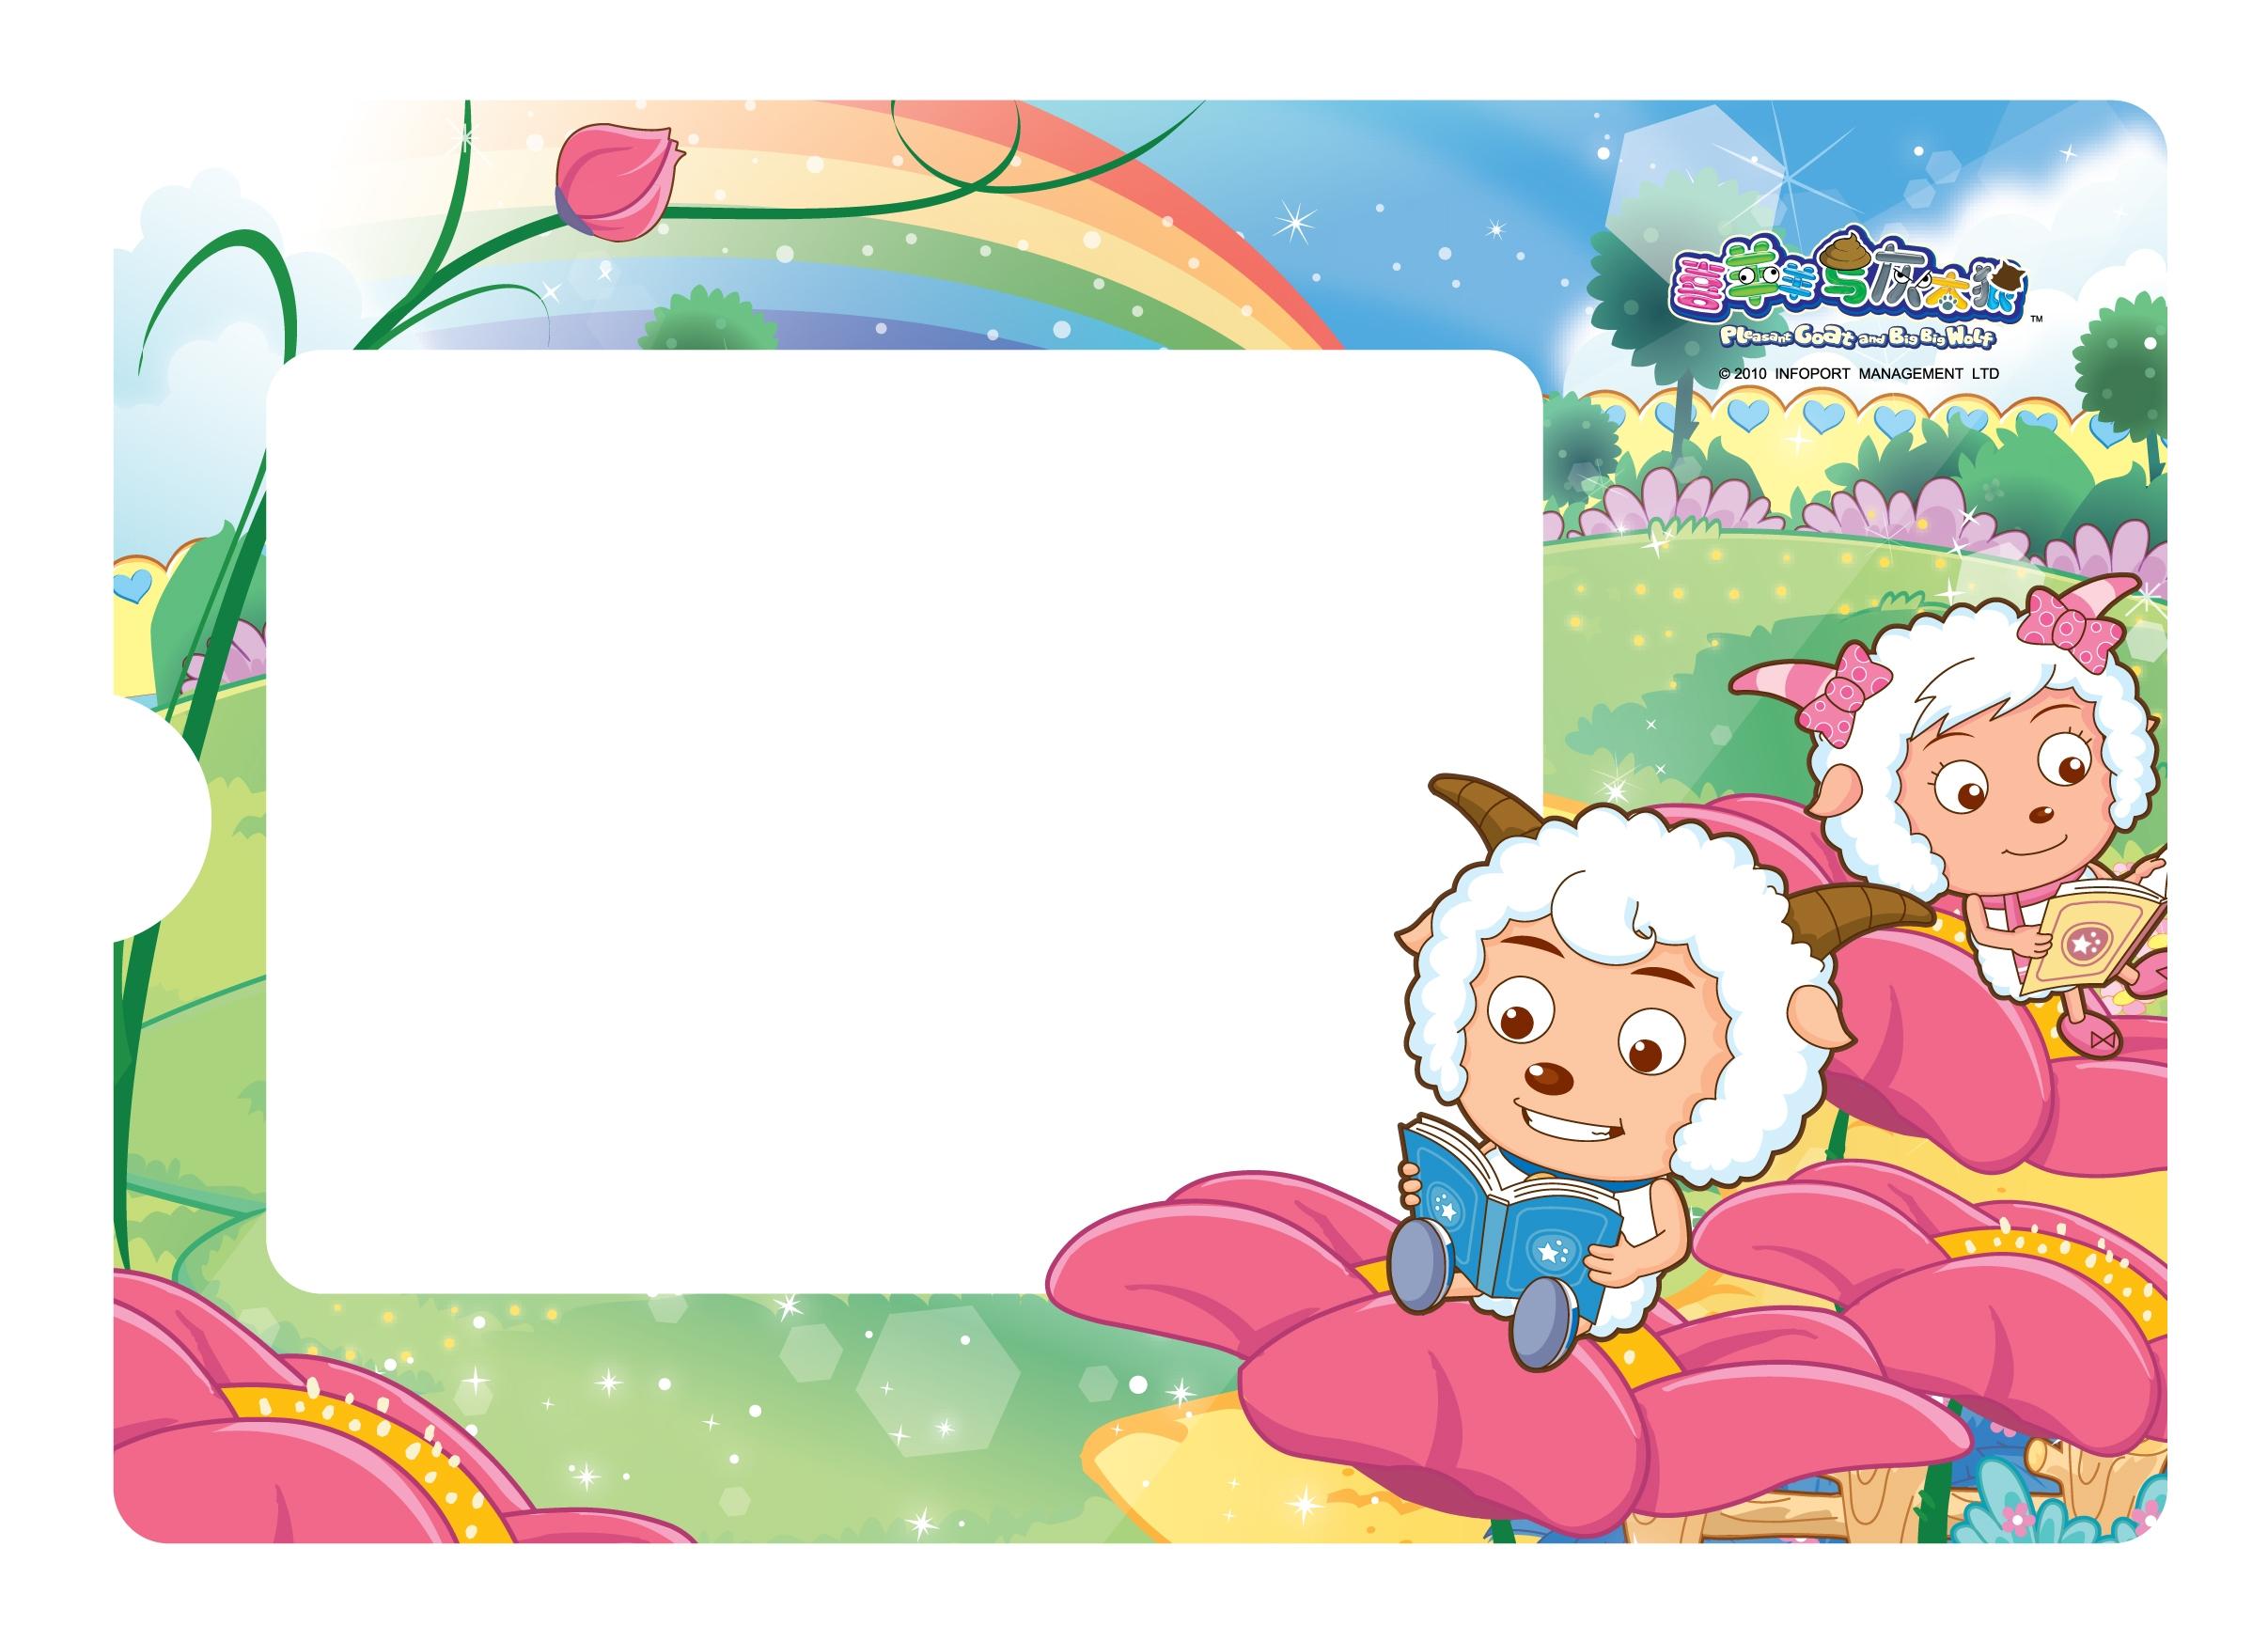 幼儿园画报边框设计图片